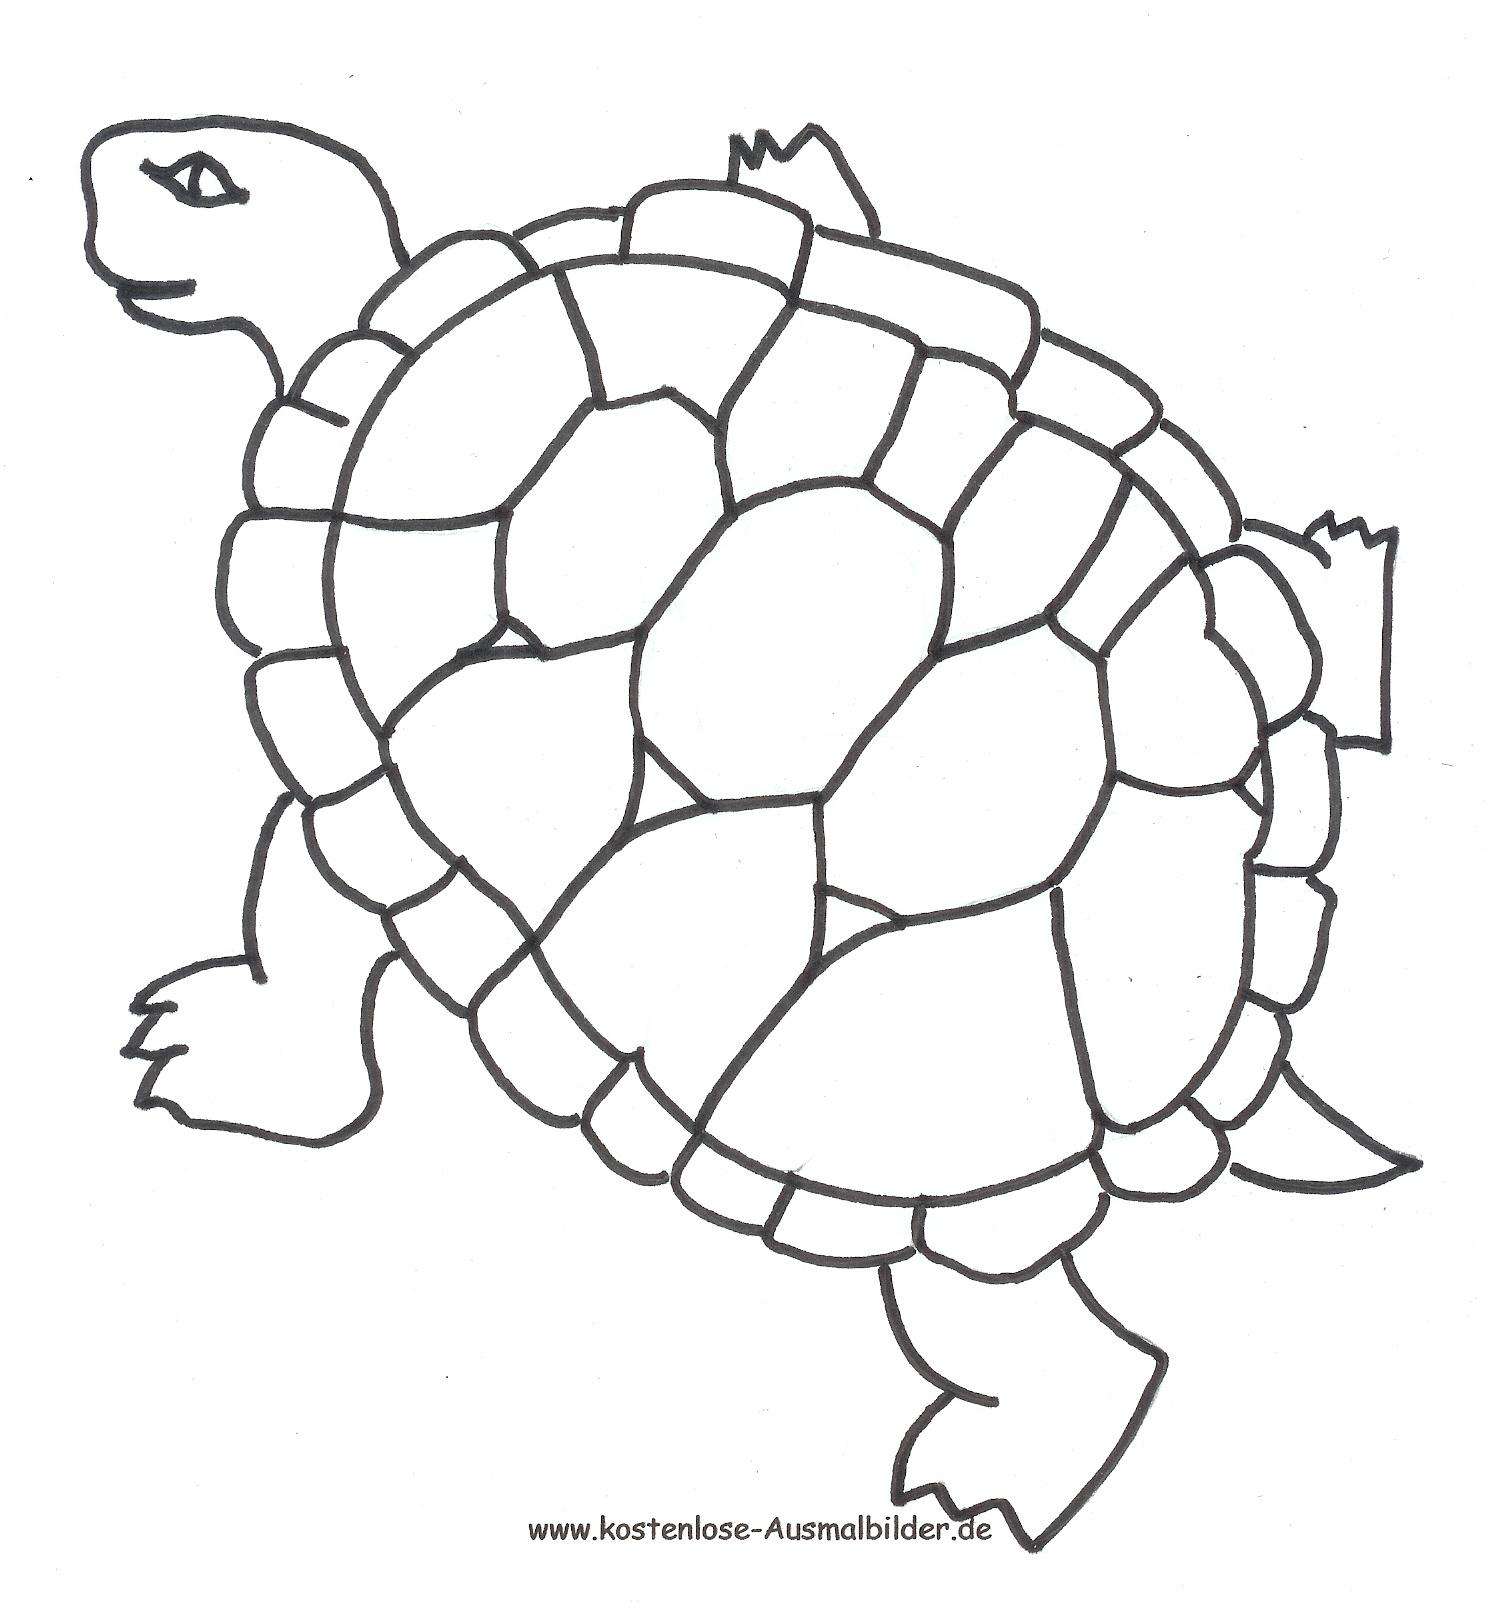 Ausmalbild Schildkröte Zum Ausdrucken innen Schildkröte Ausmalbild